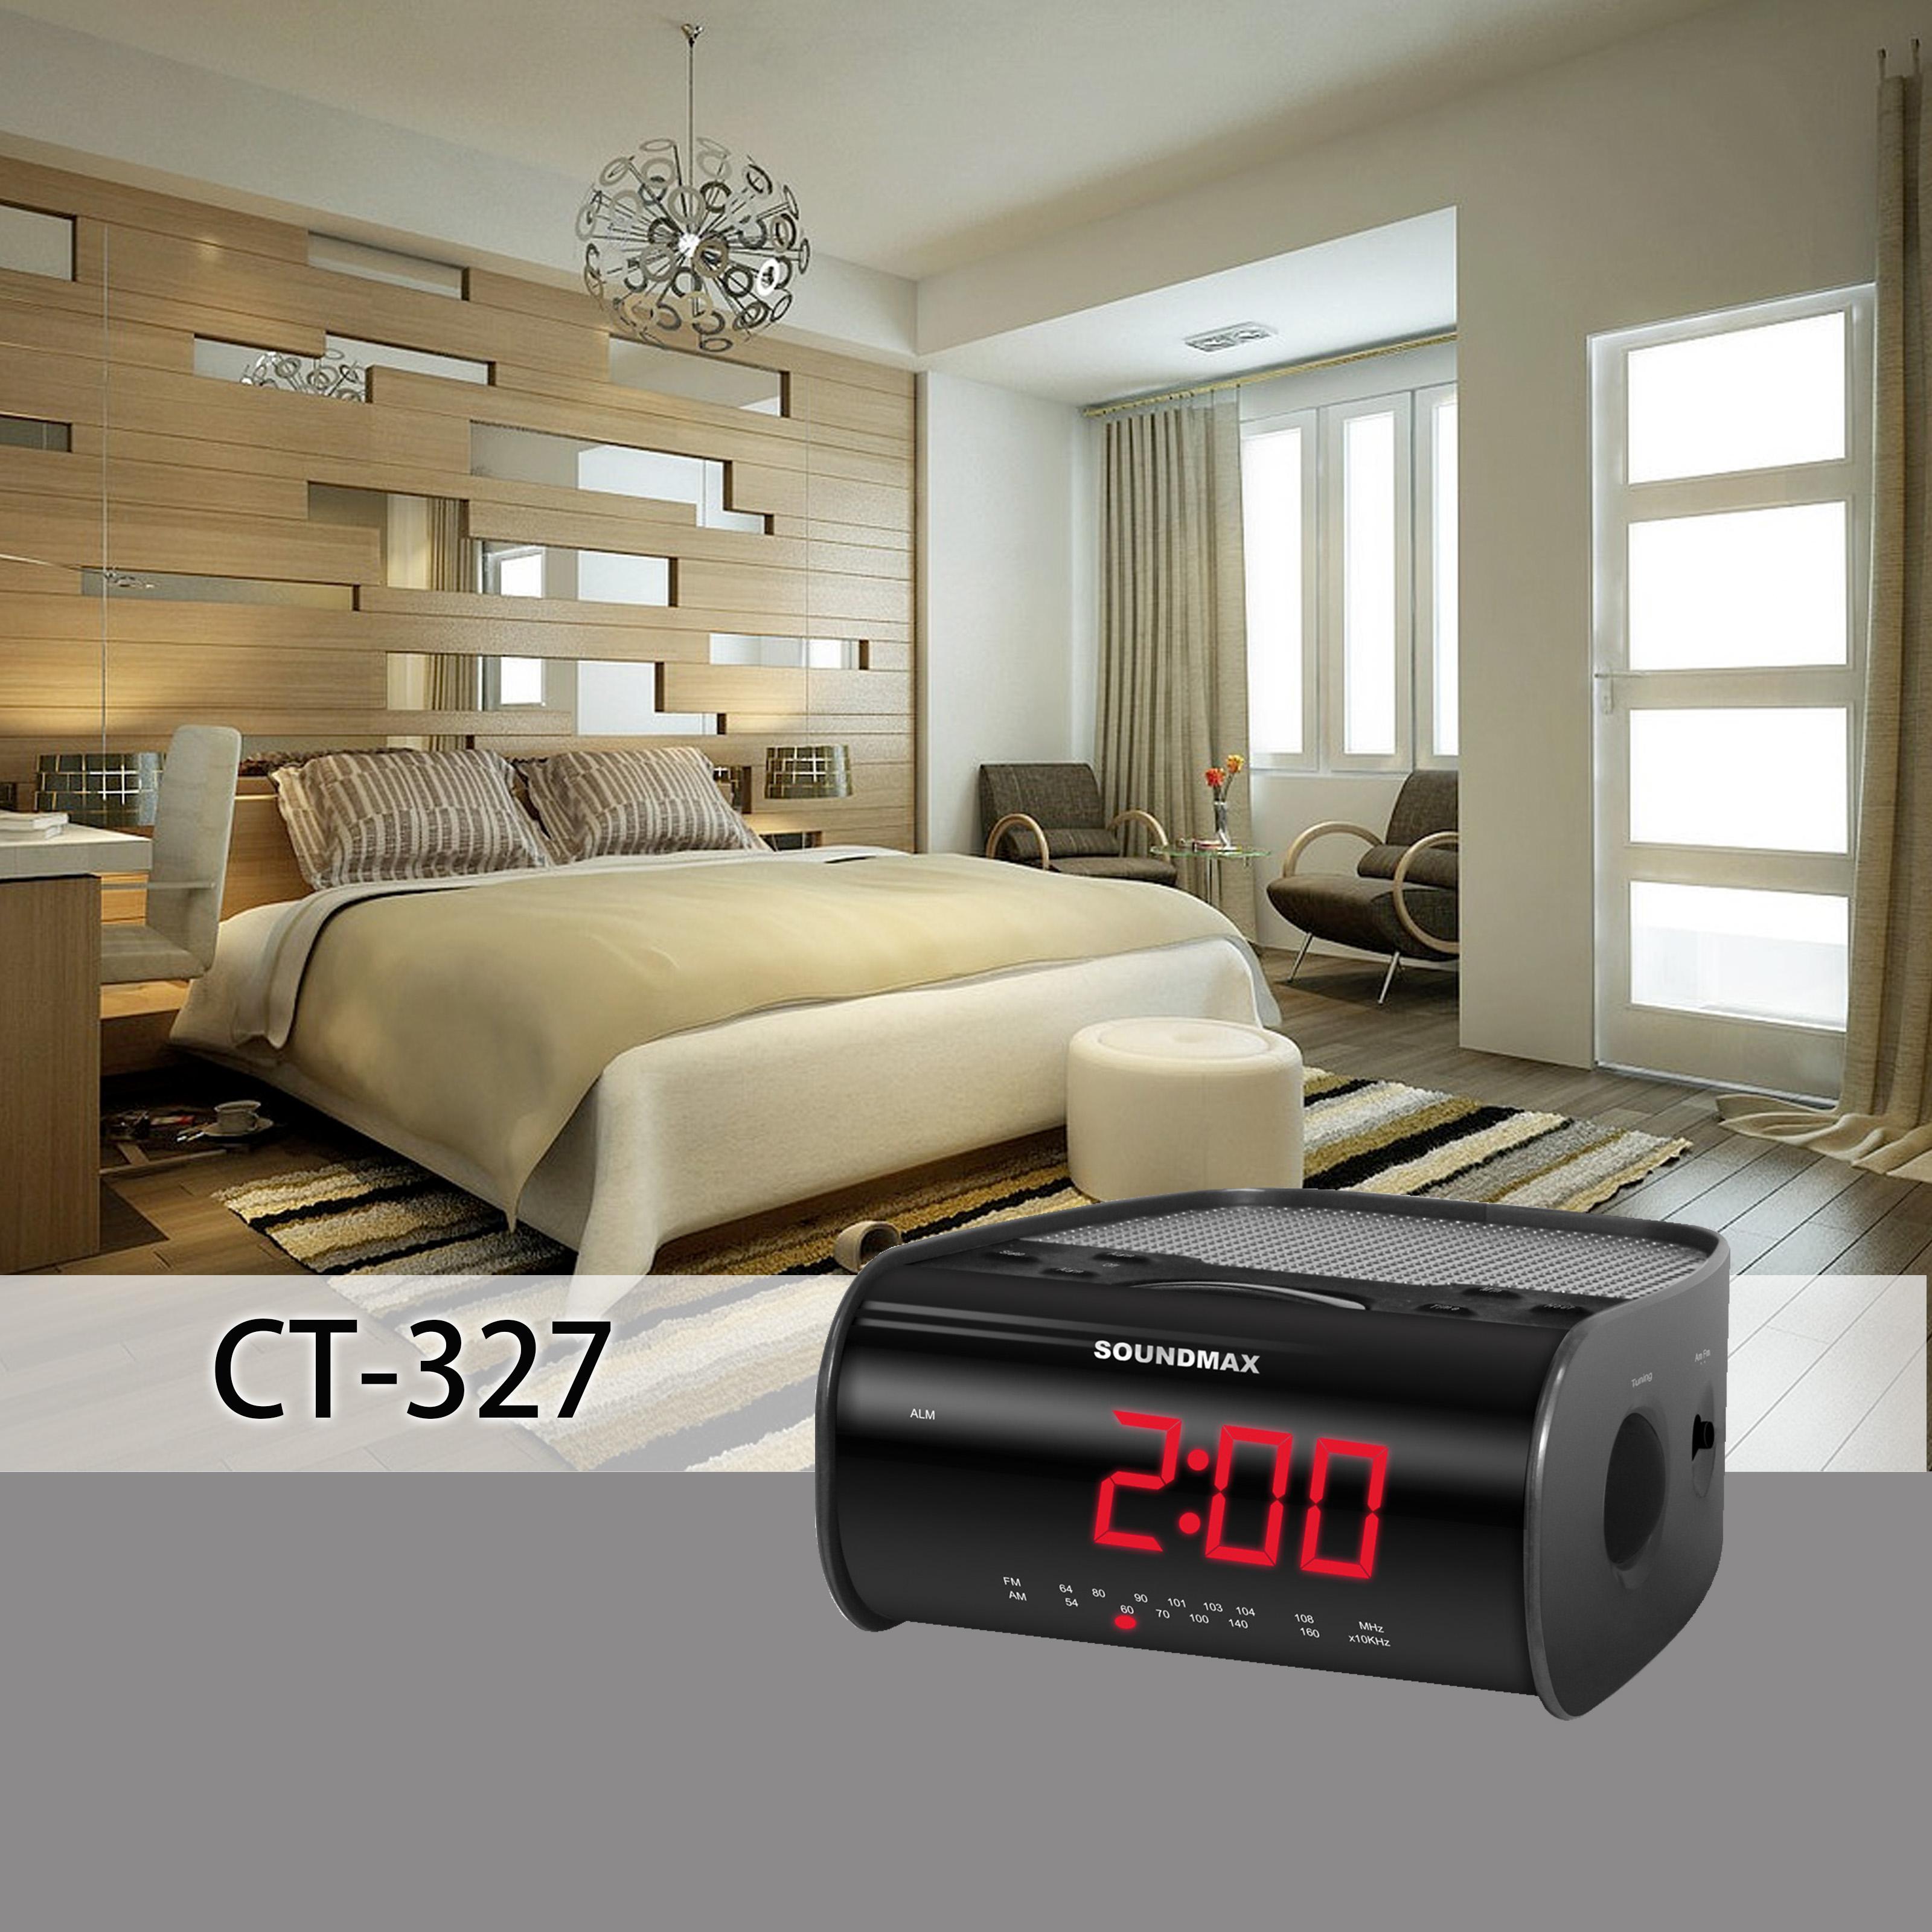 CT-327 bedroom.jpg